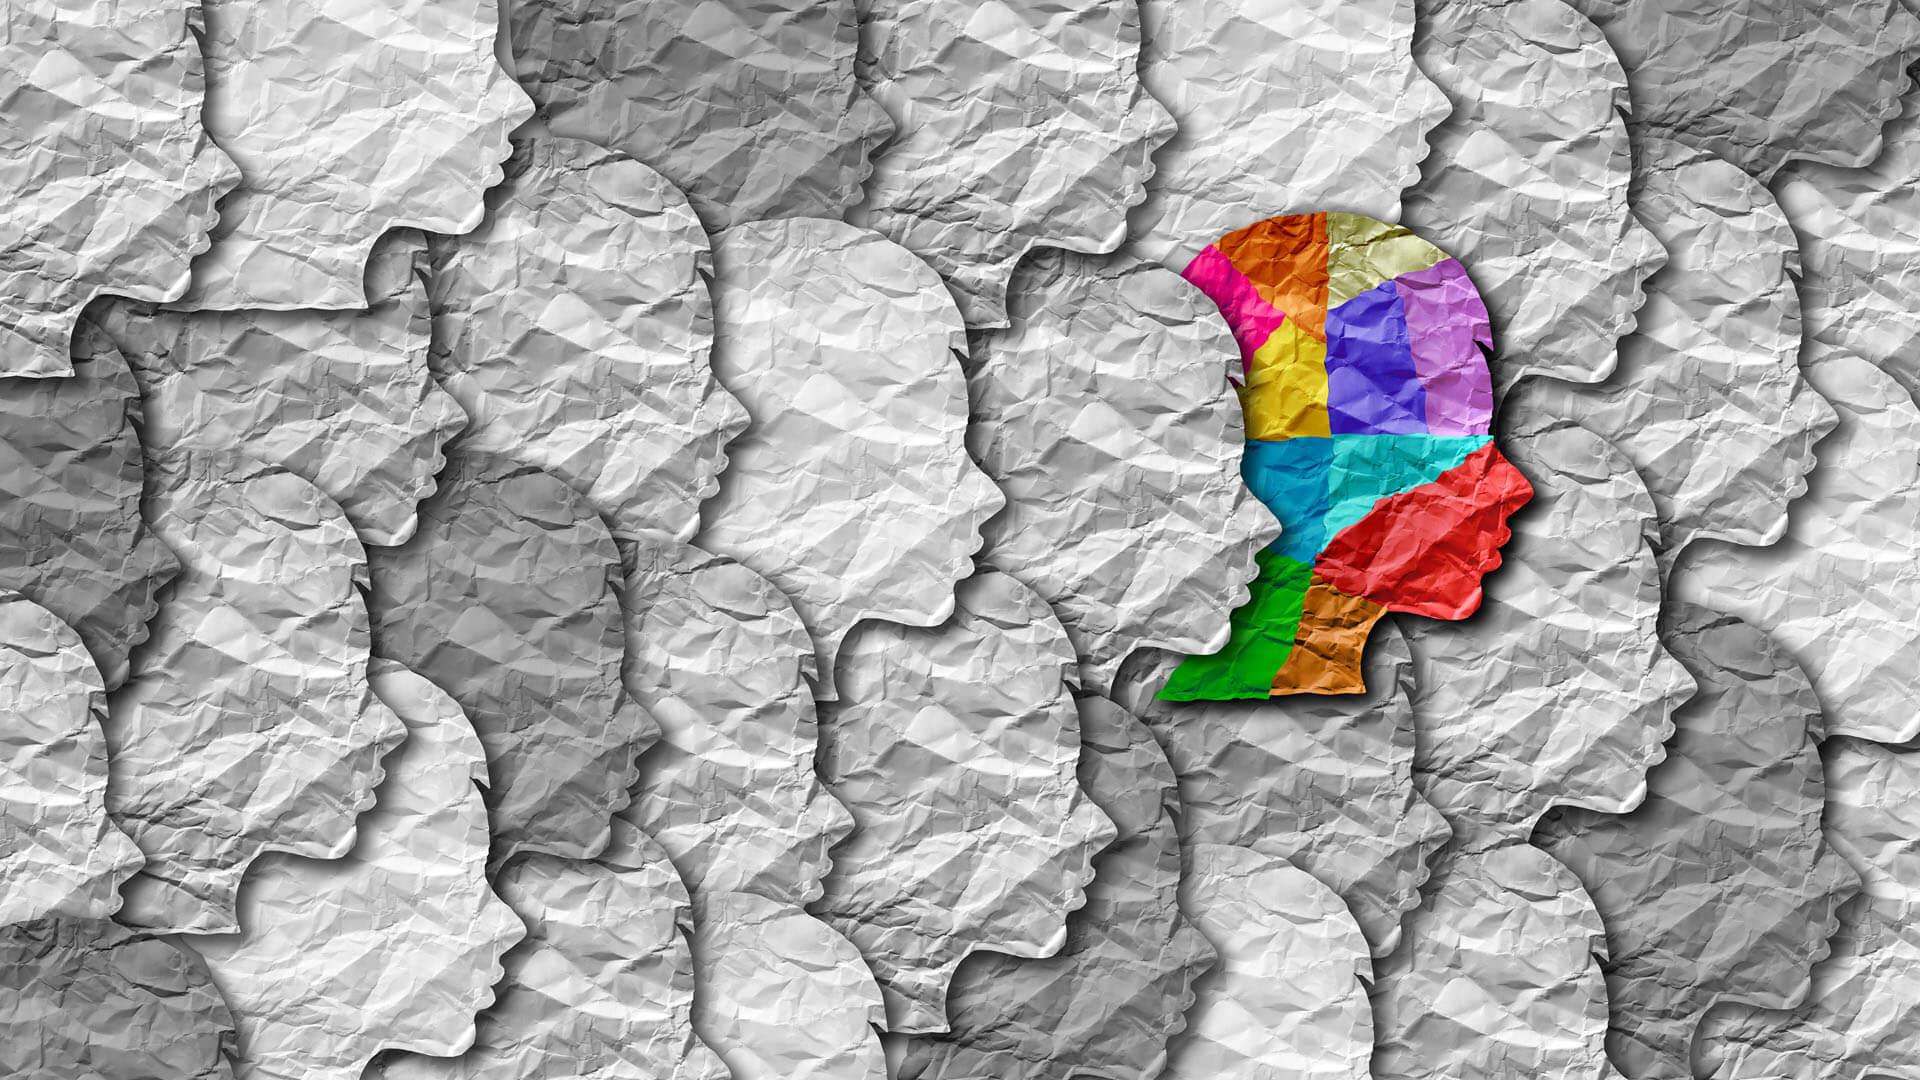 Autism, Stigma and Coronavirus | One Family's Perspective